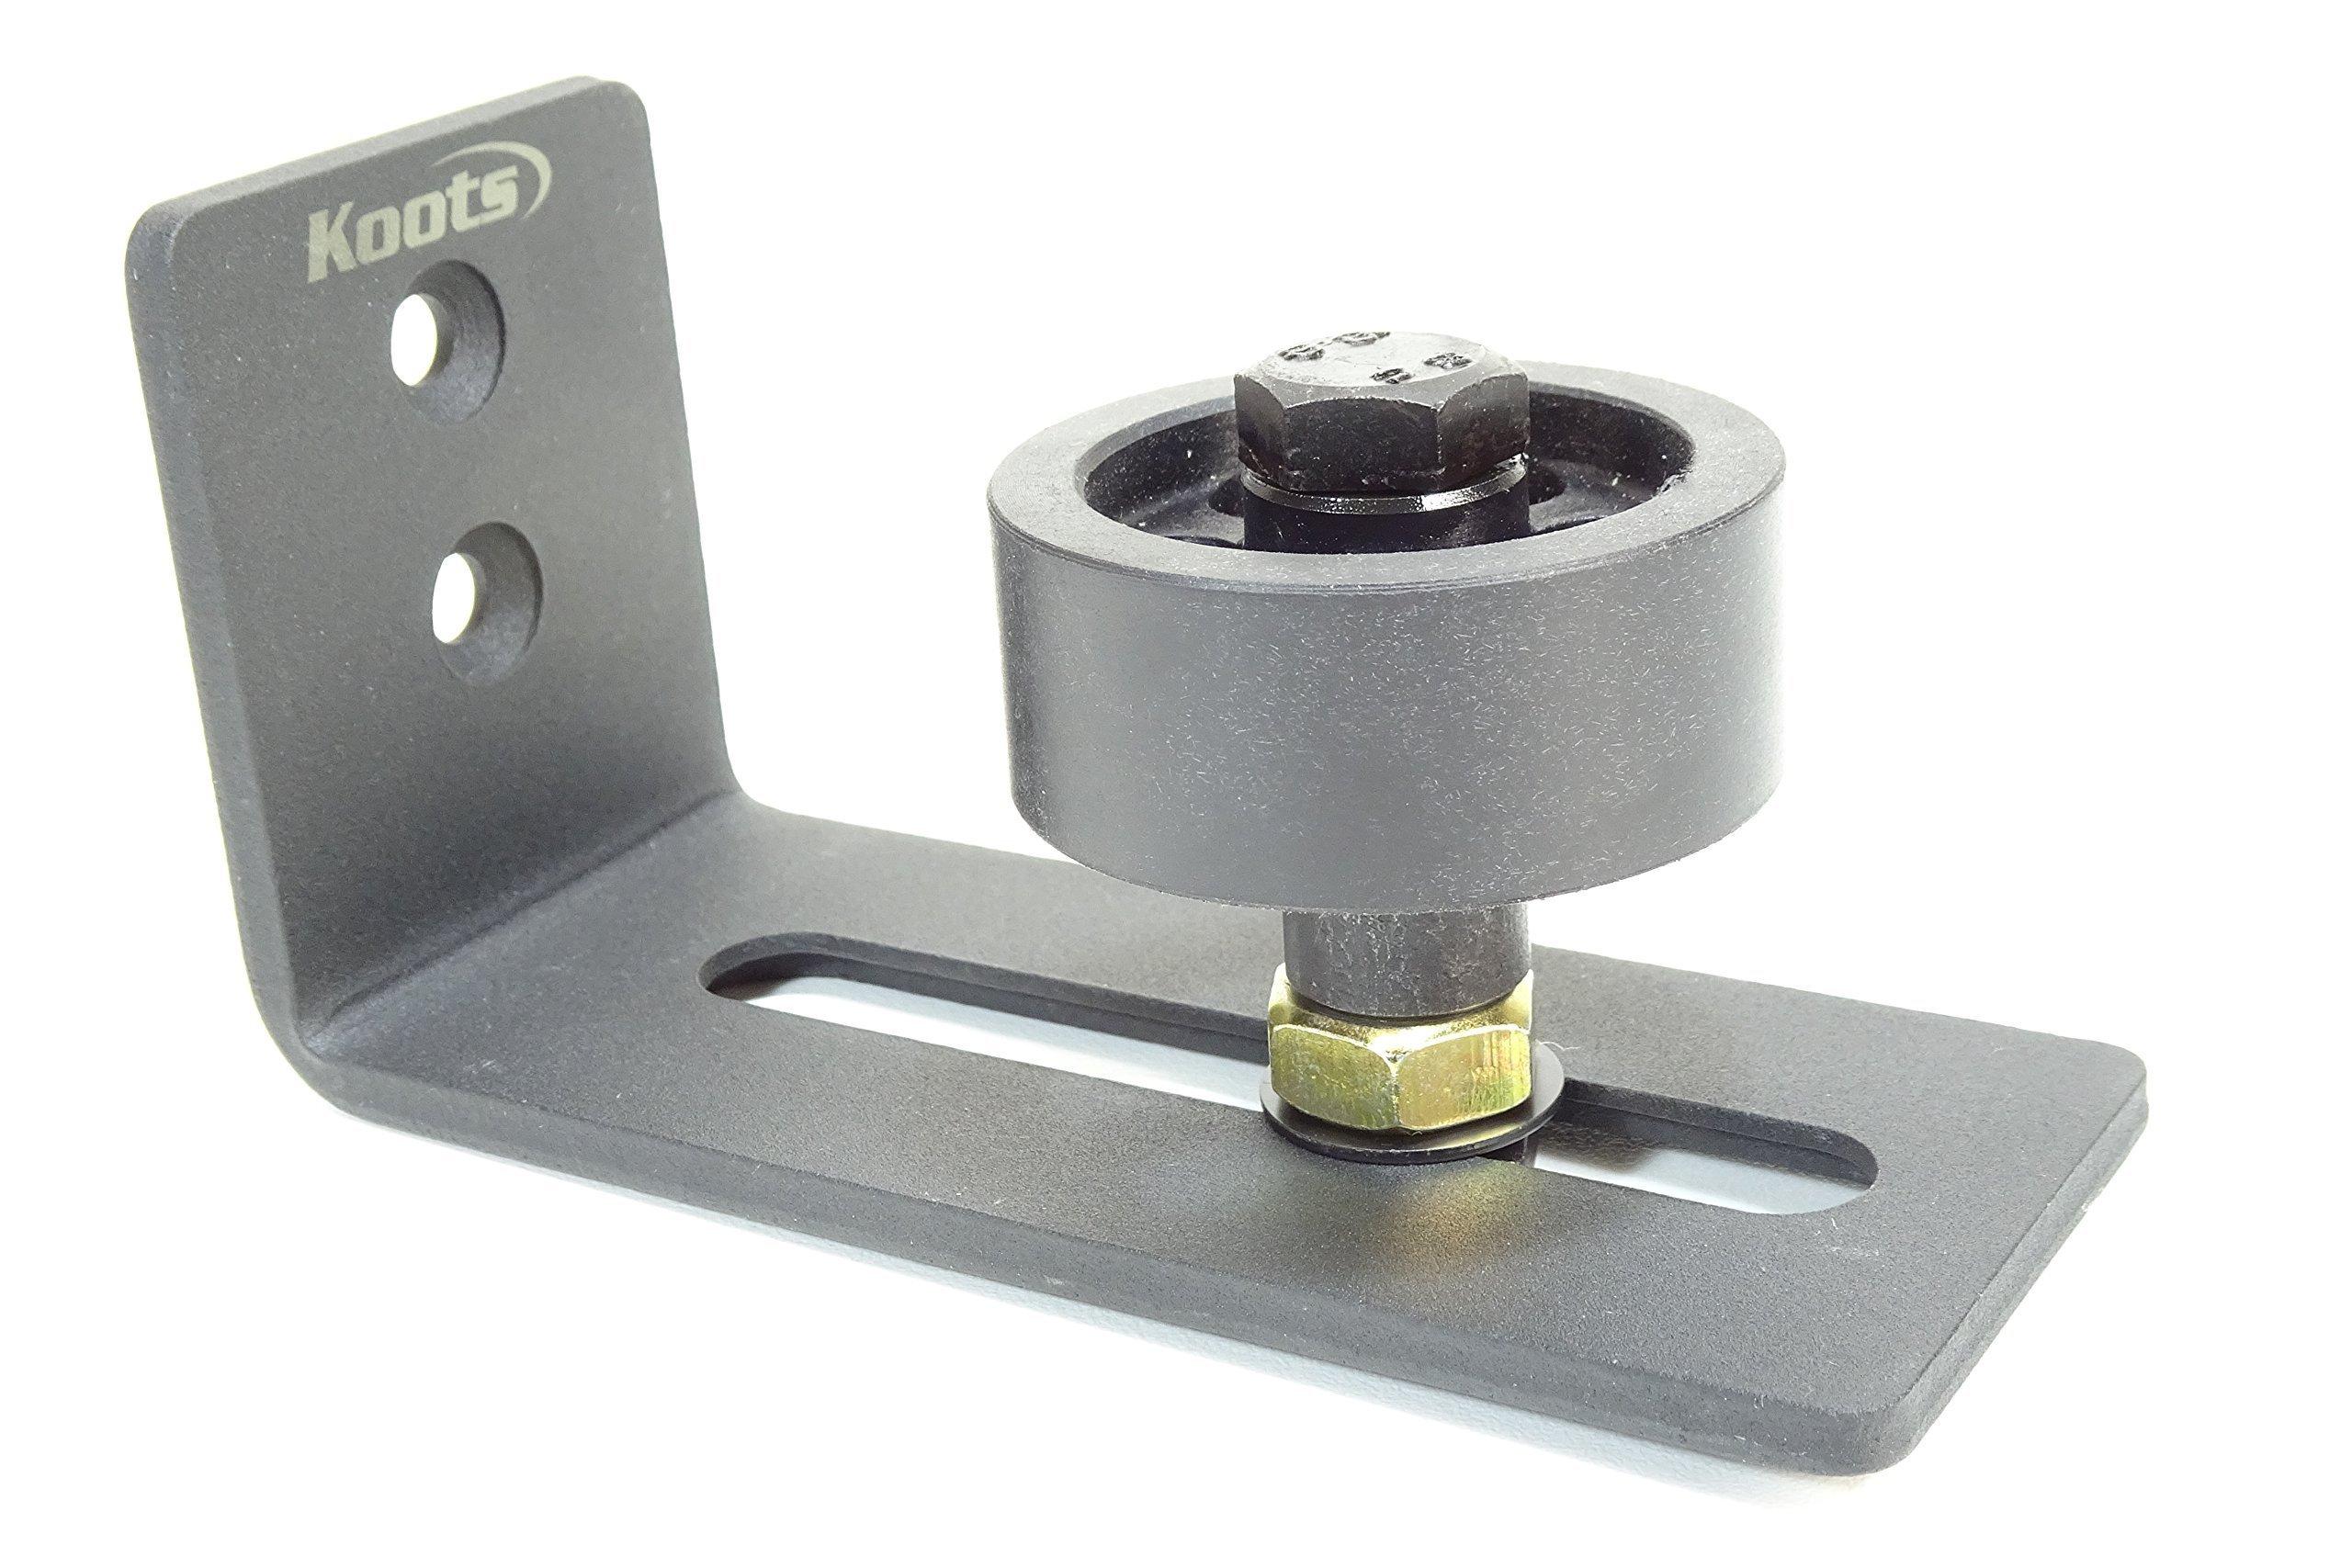 Barn Door Adjustable Stay Roller Sits on Floor| Bottom Door Guide | Black Powder Coated Steel | Barn Door Hardware